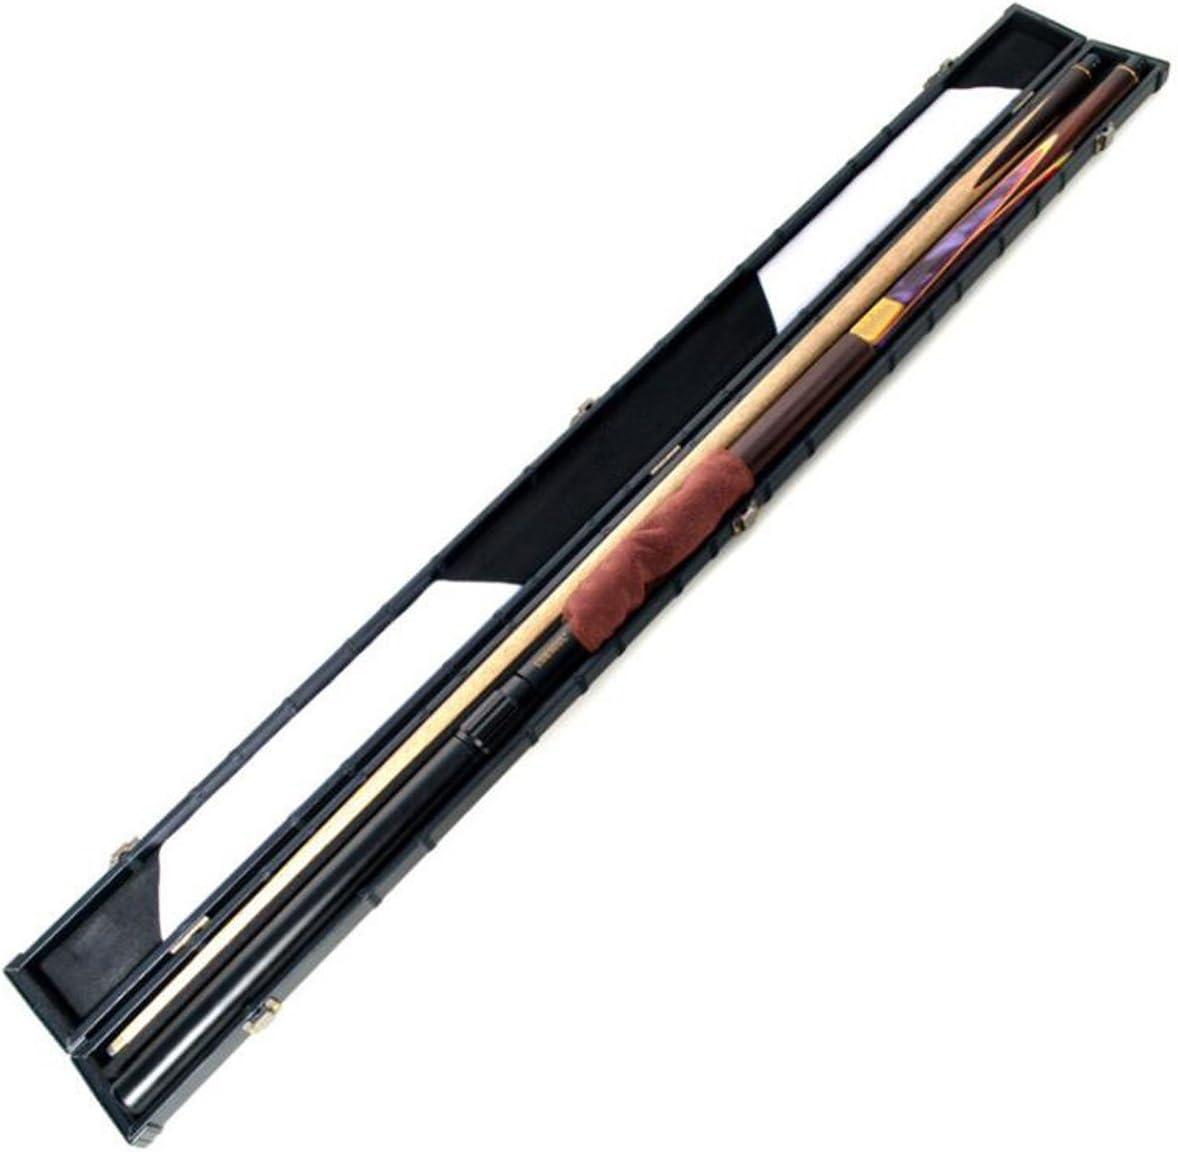 LIAN ビリヤードバー57インチ3/4ブラック8アメリカンスモールヘッド16色スヌーカーテーブルポール(パッキング1)